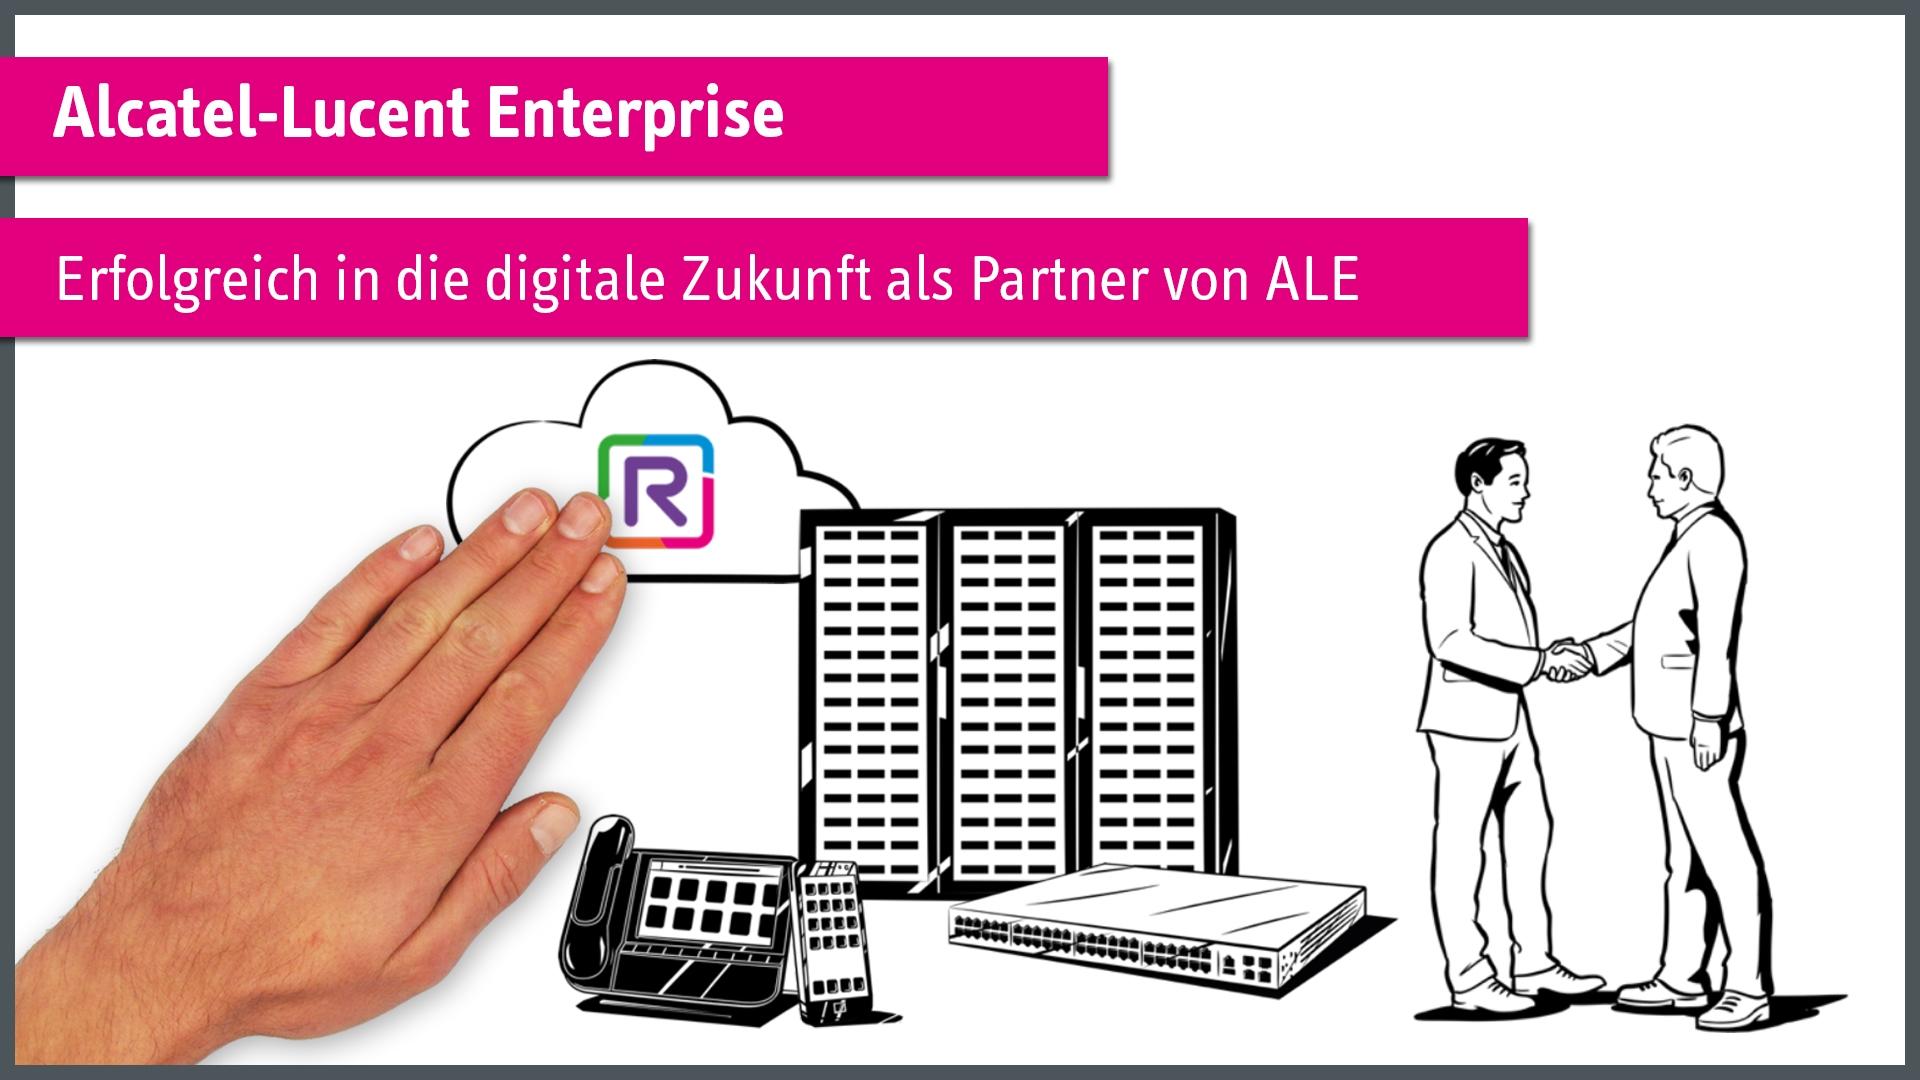 Erfolgreich in die digitale Zukunft als Partner von ALE